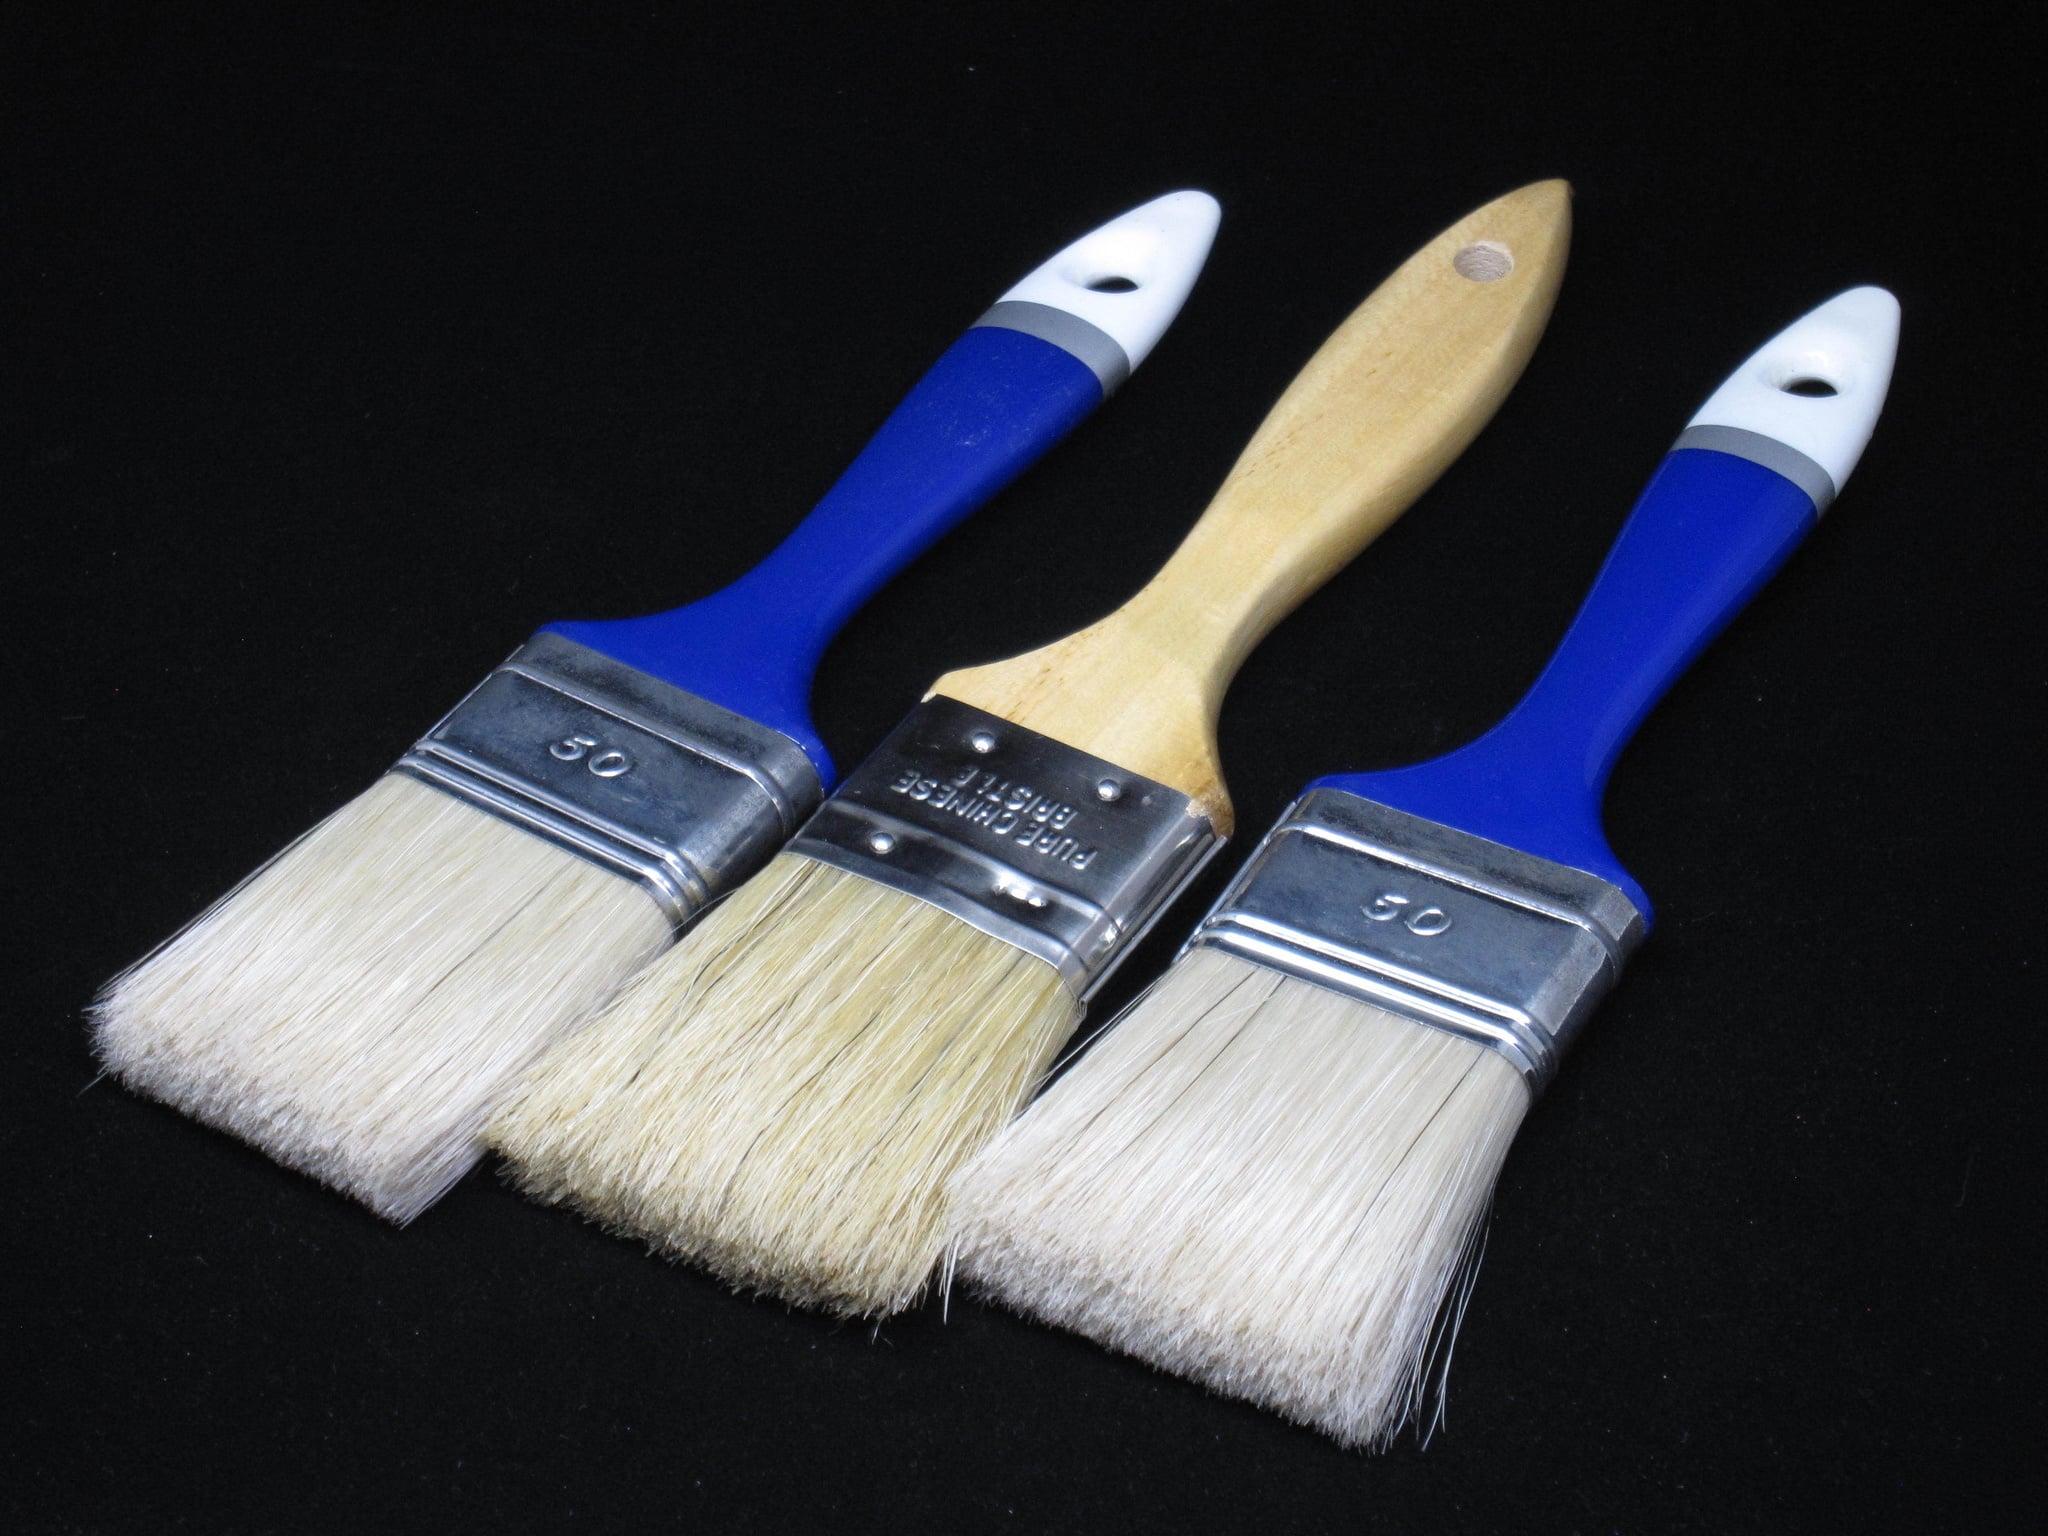 ブラシ専門工場が製作する刷毛 ブラシ専門工場のやまうち製作所